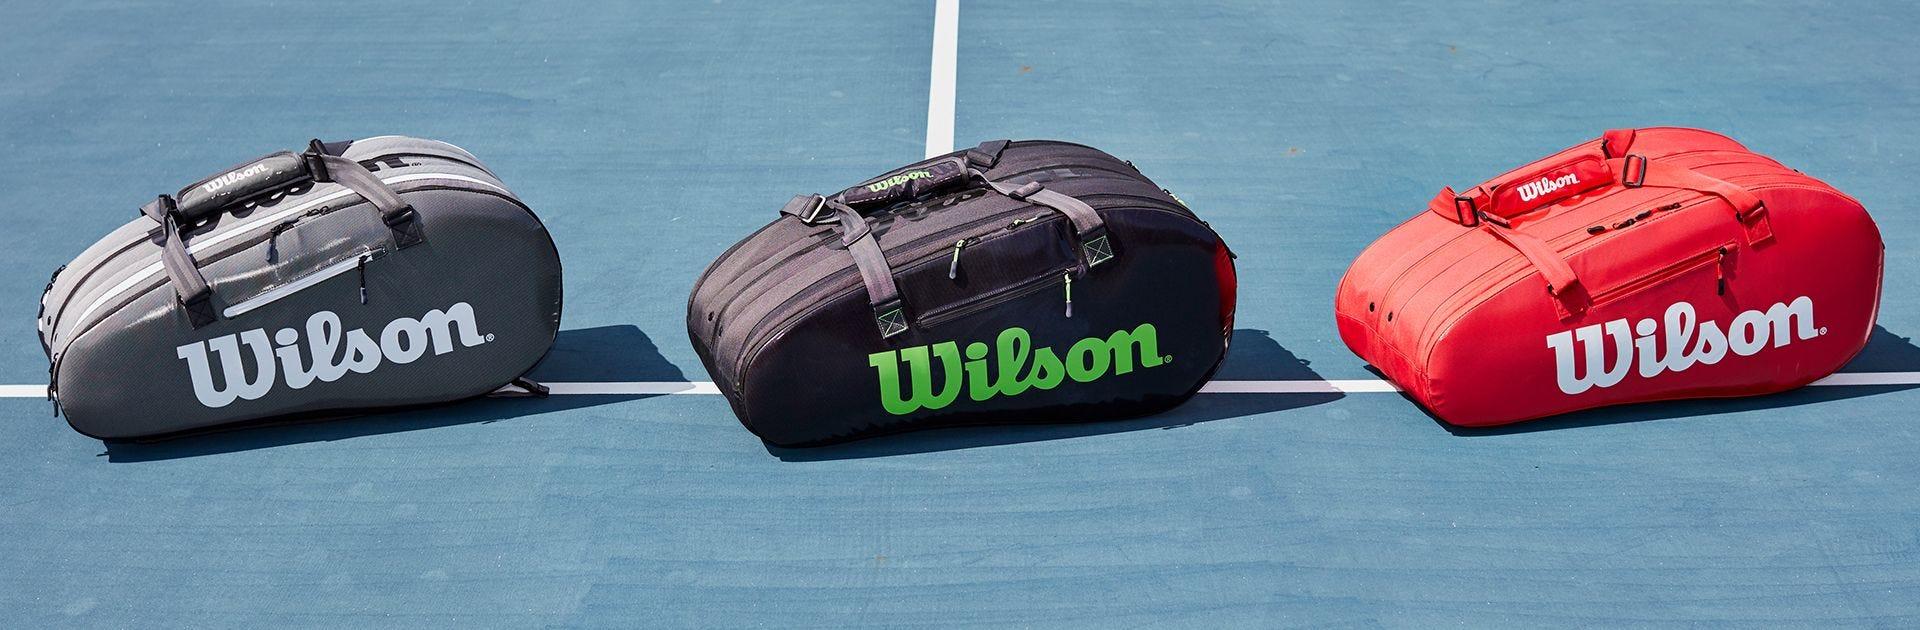 Tennis Bags Backpacks Wilson Sporting Goods